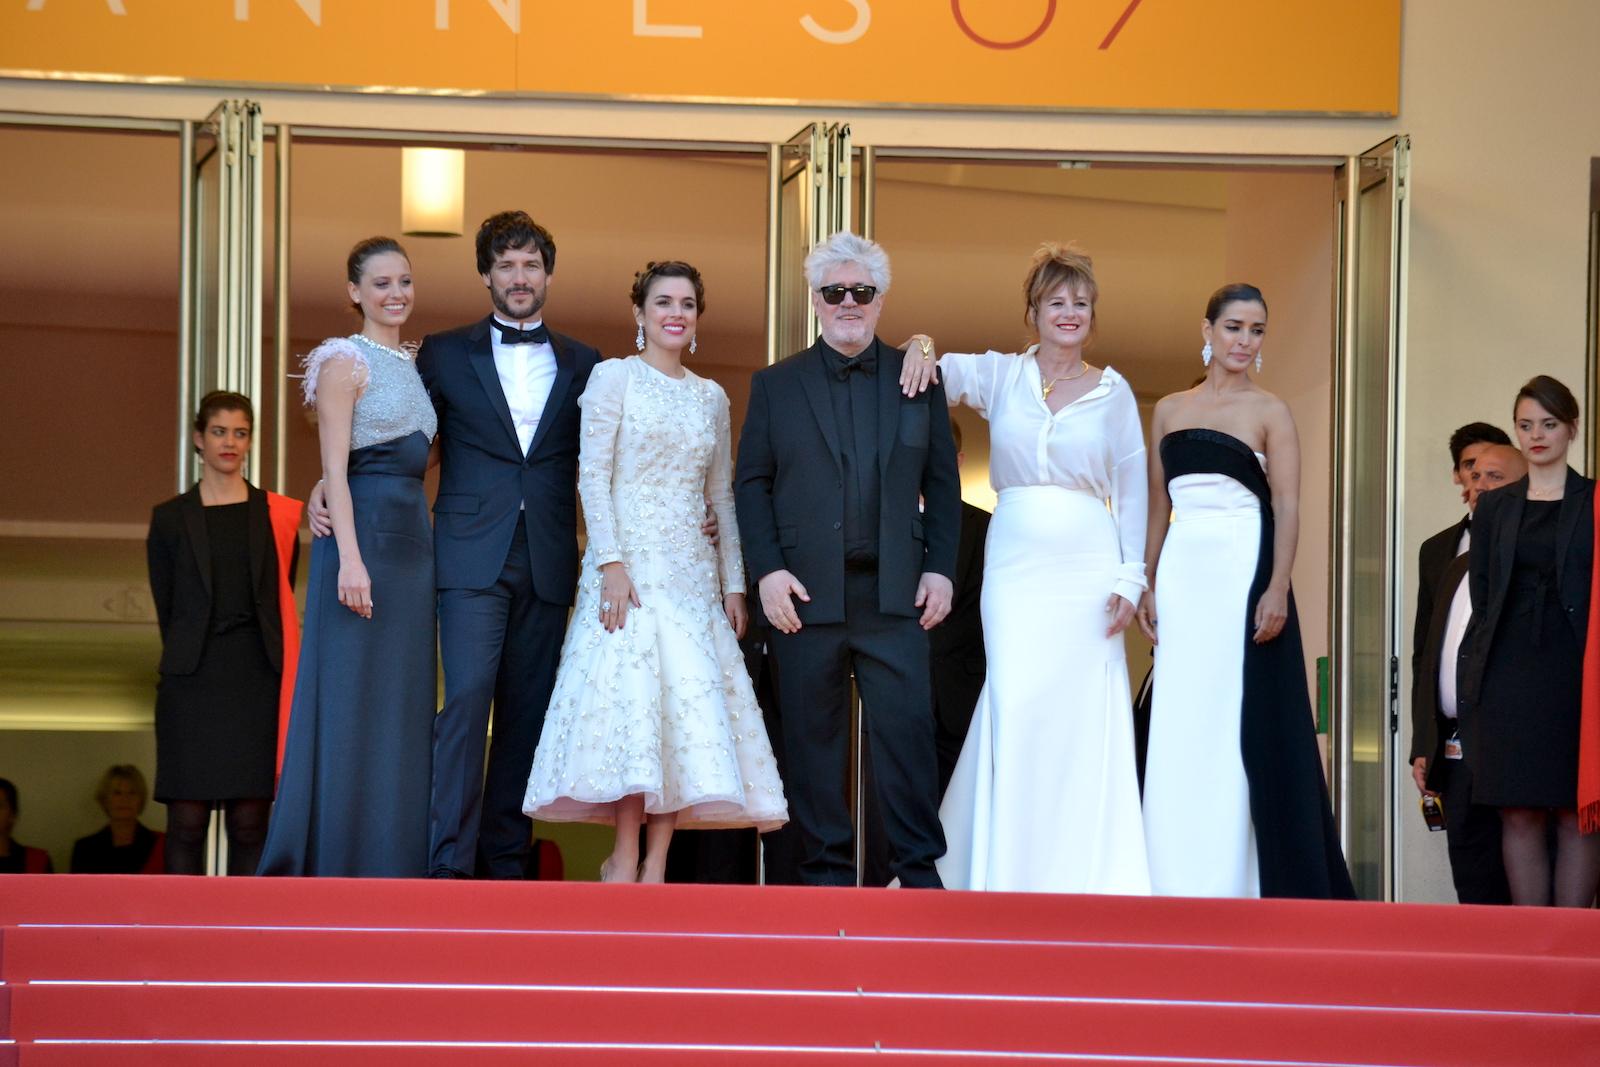 Cannes 2016: un immagine di Pedro Almodóvar, Emma Suárez, Adriana Ugarte, Daniel Grao sul red carpet di Julieta